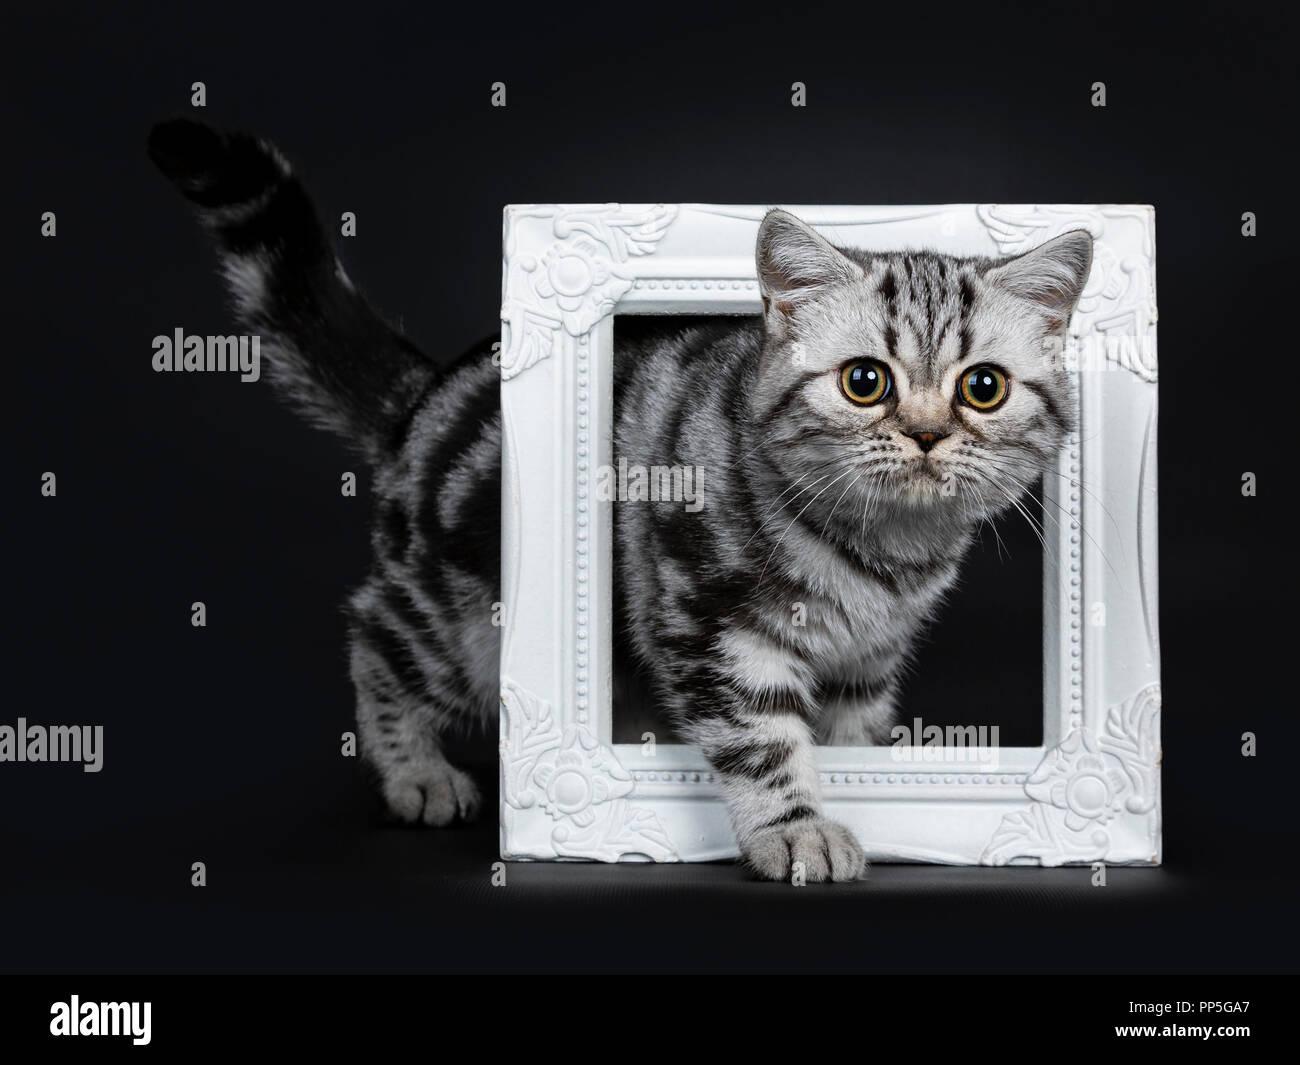 Titel: sorprendente carino nero silver tabby British Shorthair gattino lato permanente modi attraverso un bianco pictureframe, guardando accanto a una lente, isolata su Immagini Stock